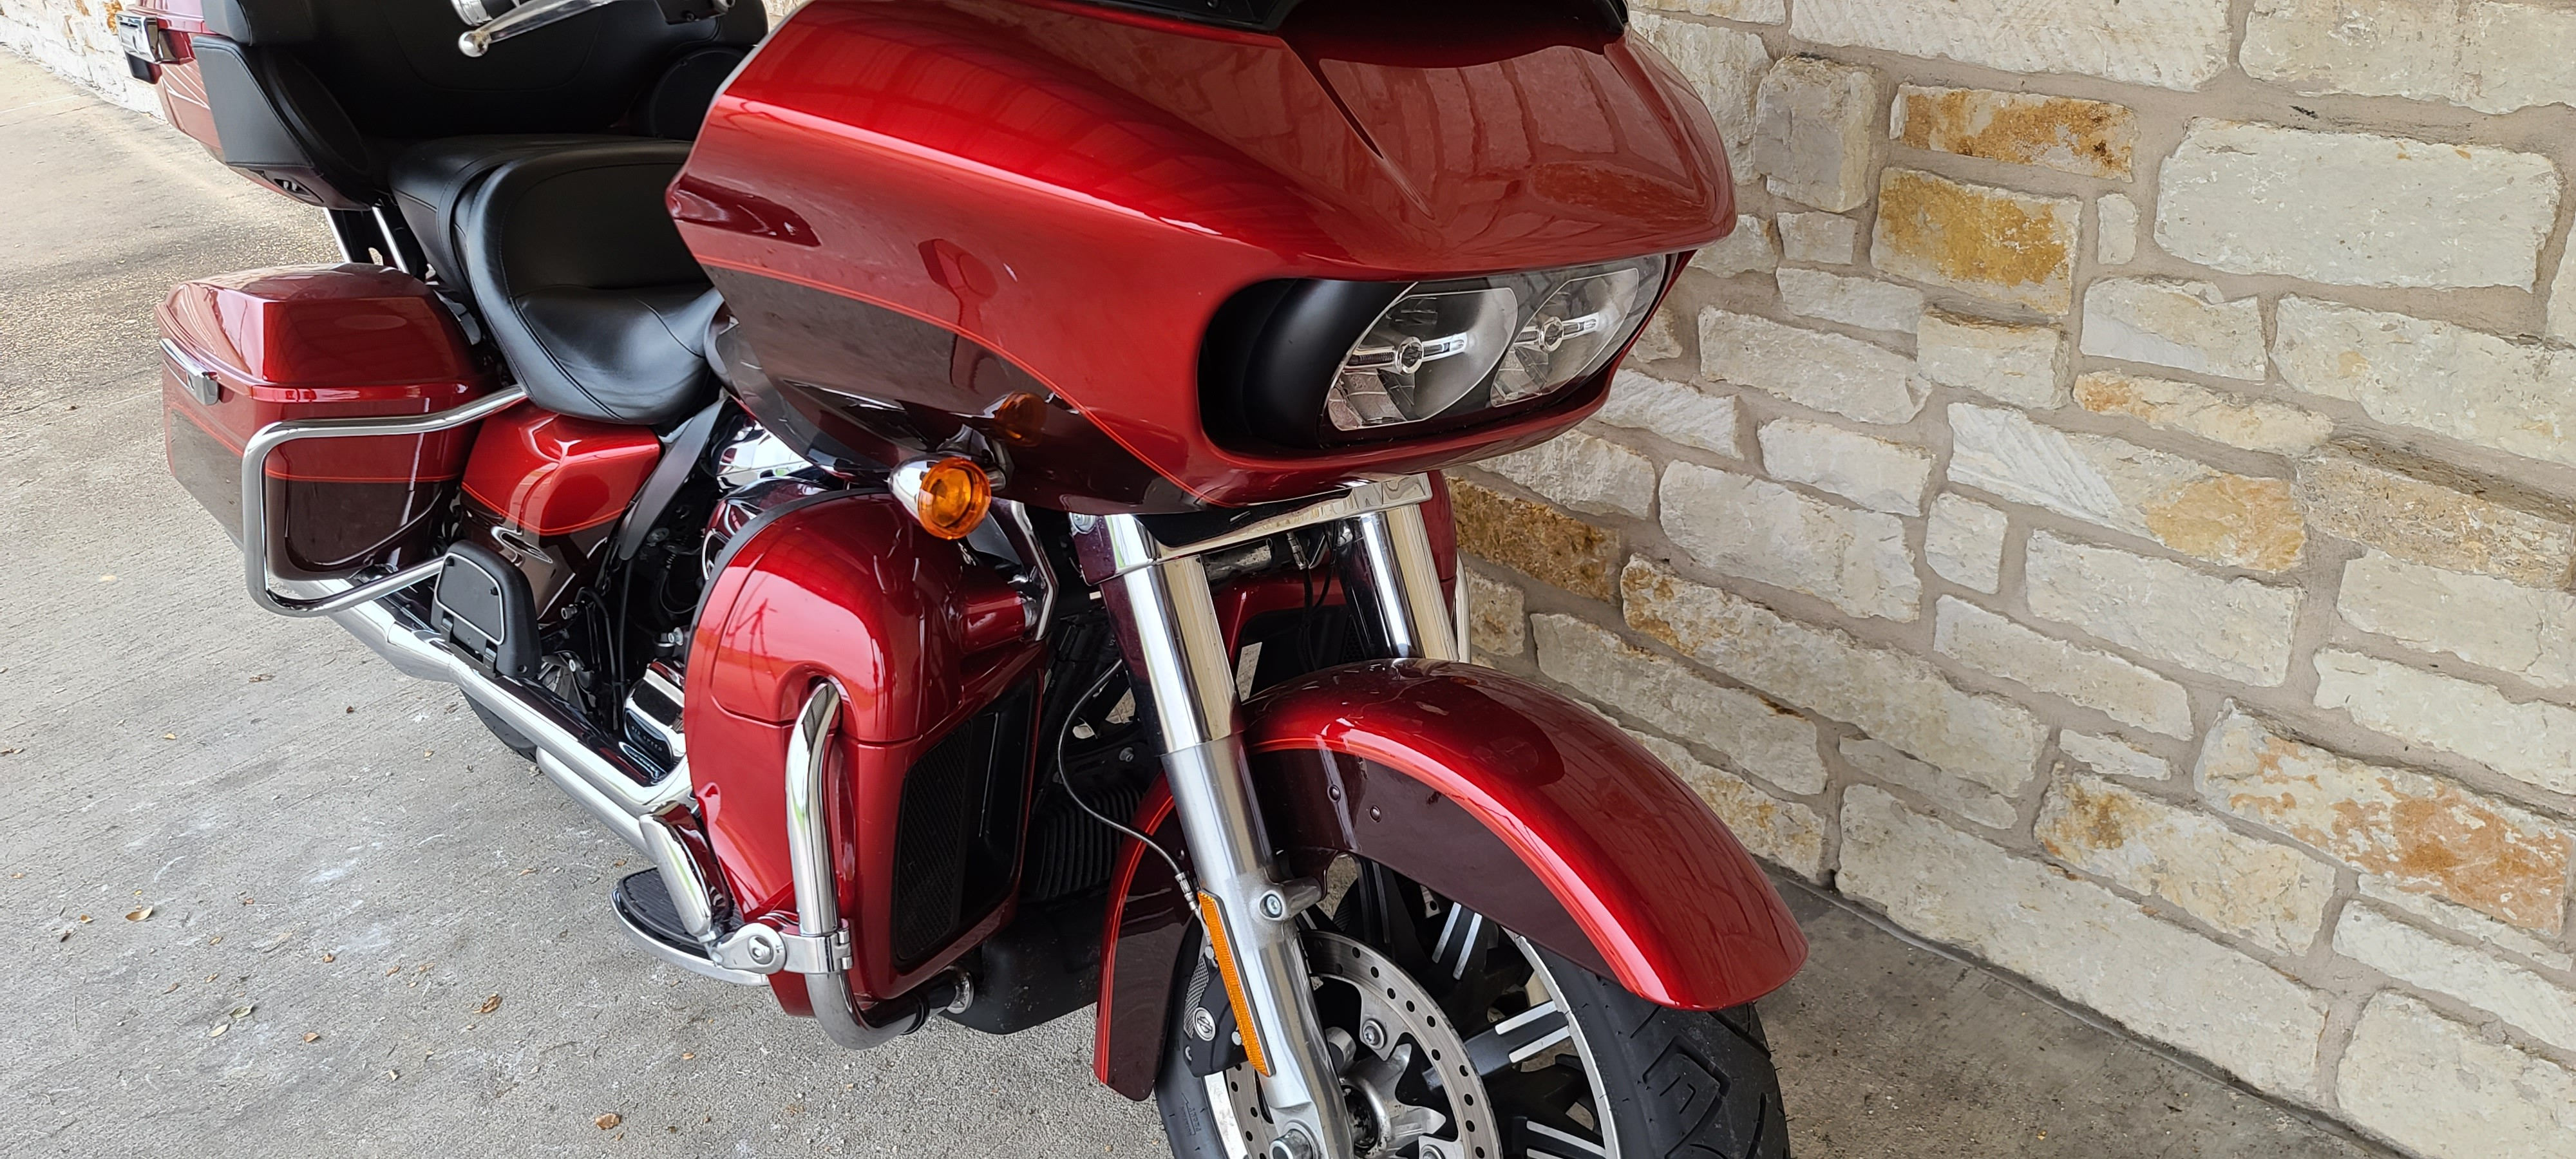 2018 Harley-Davidson Road Glide Ultra at Harley-Davidson of Waco